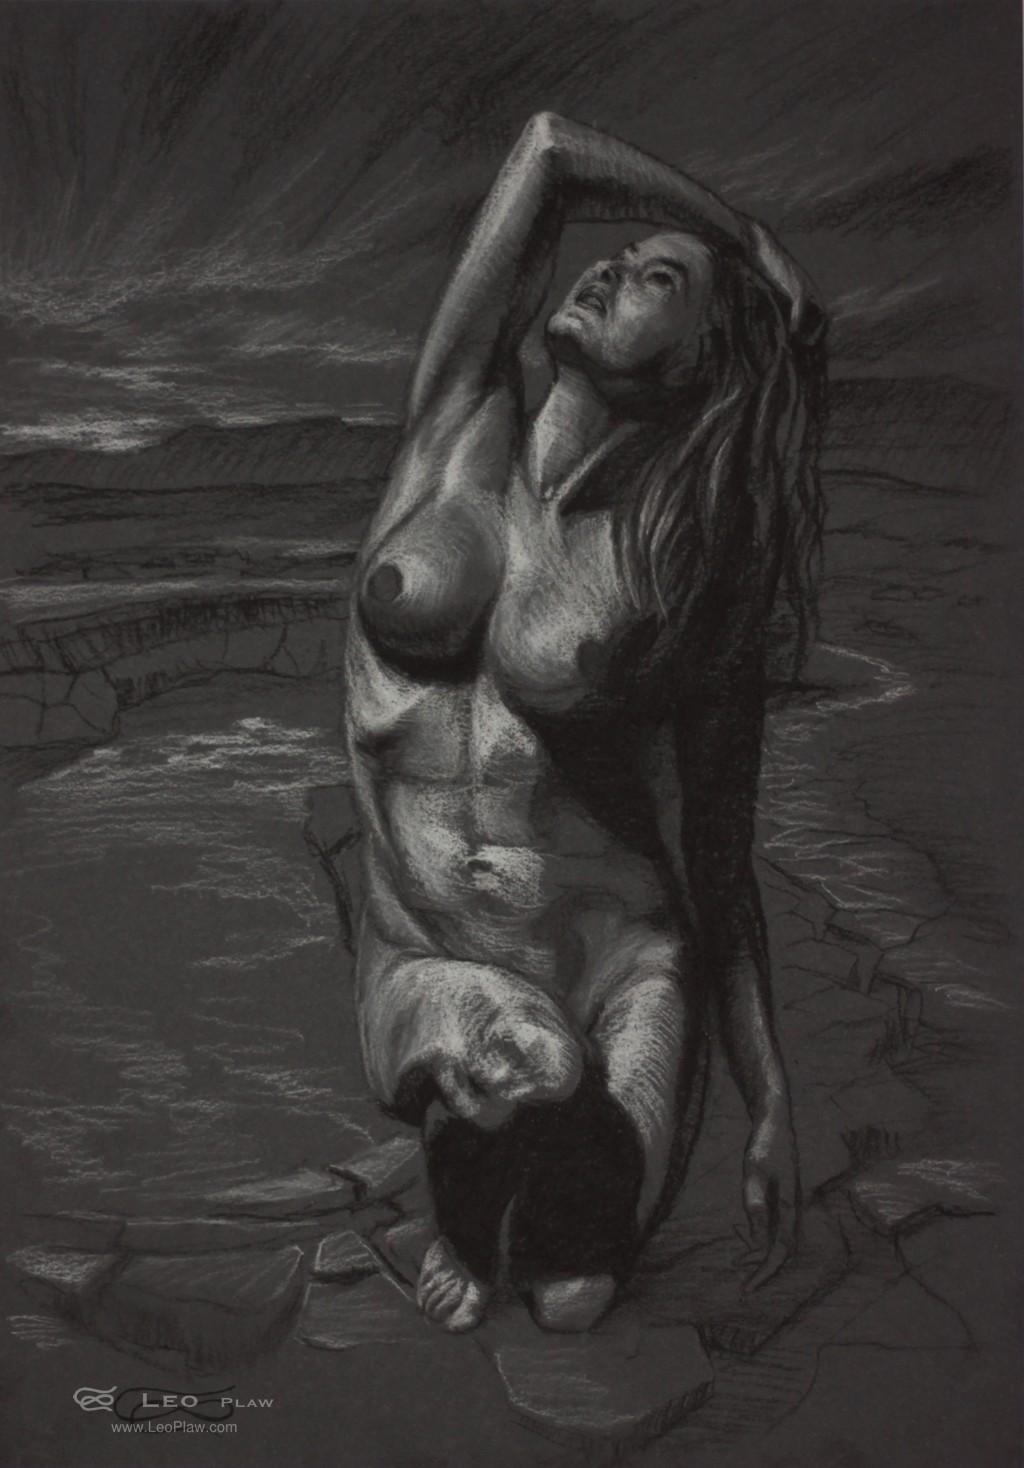 Figure 16, Leo Plaw, 24 x 34cm, pastel pencil on coloured paper.